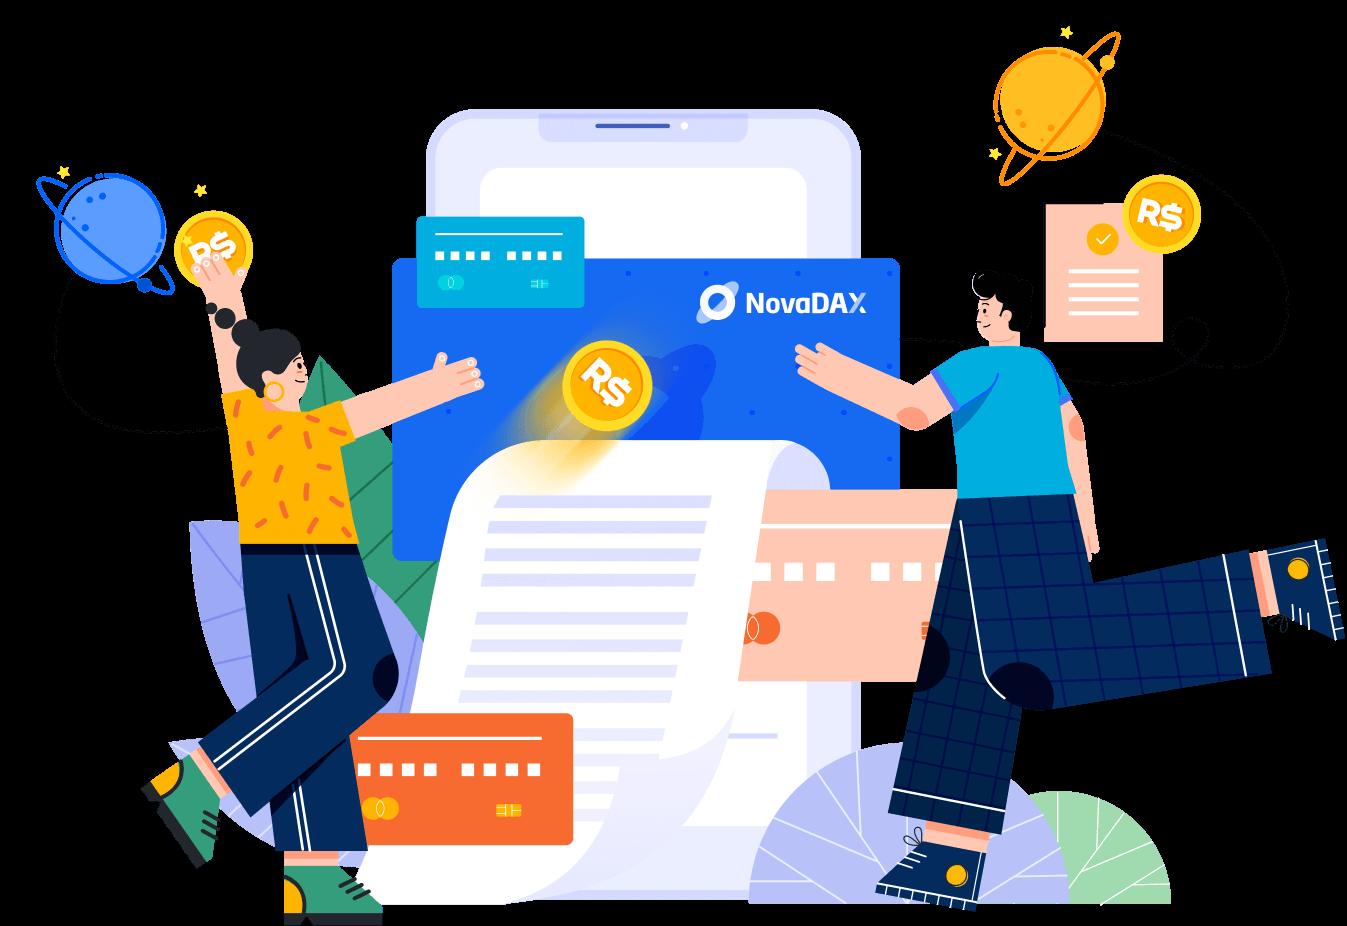 Transferência com taxa zero entre amigos e familiares - Cartão NovaDAX